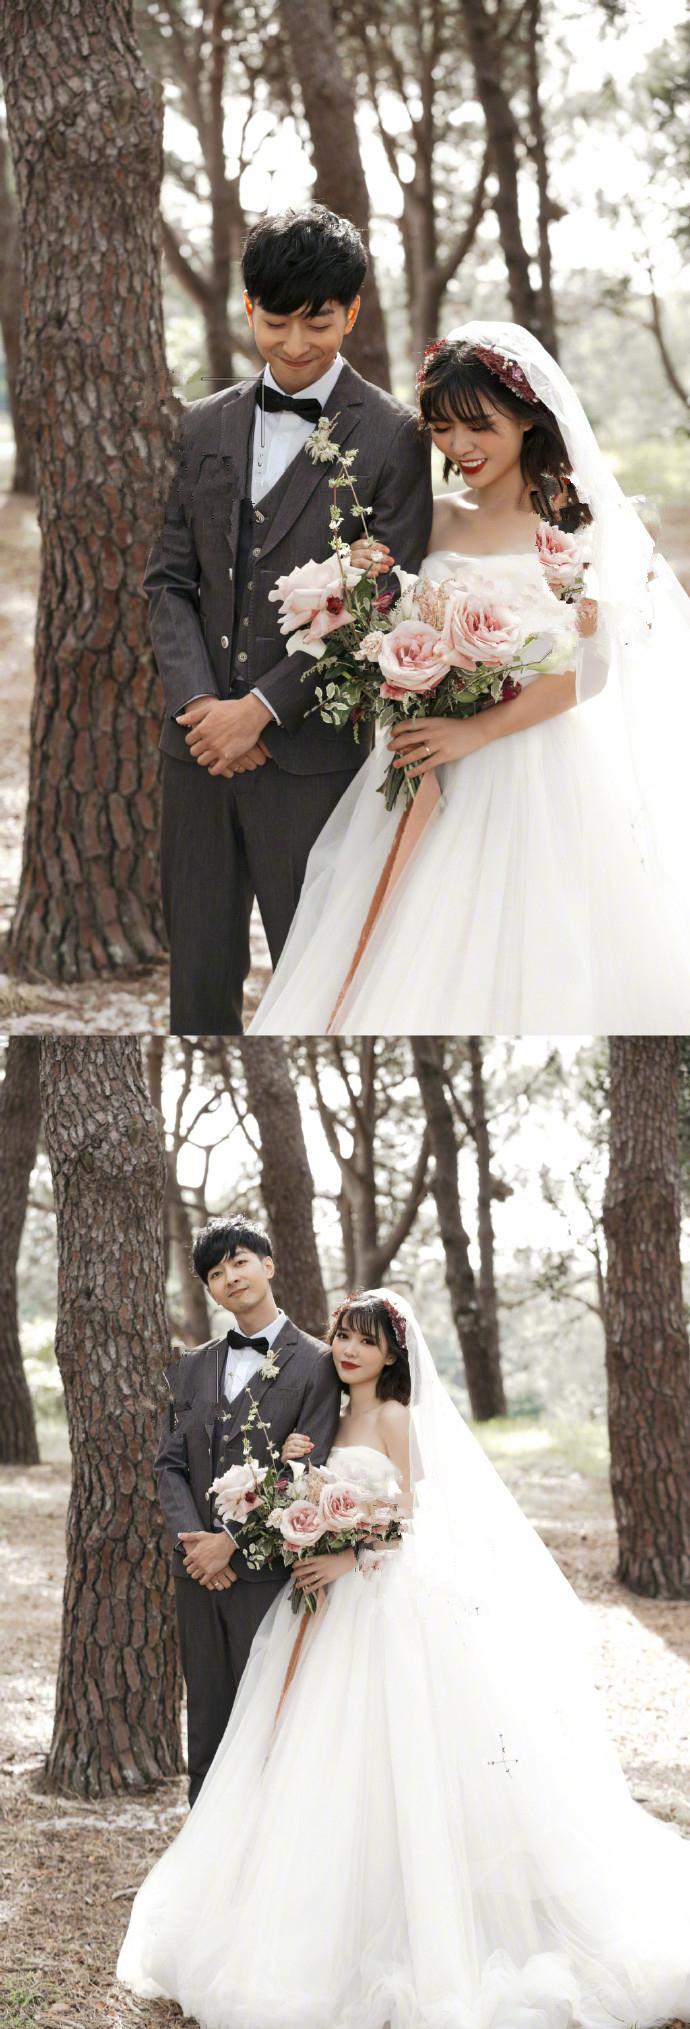 快男左立宣布结婚,两人幸福婚纱大片放出,八年爱情长跑全网祝福